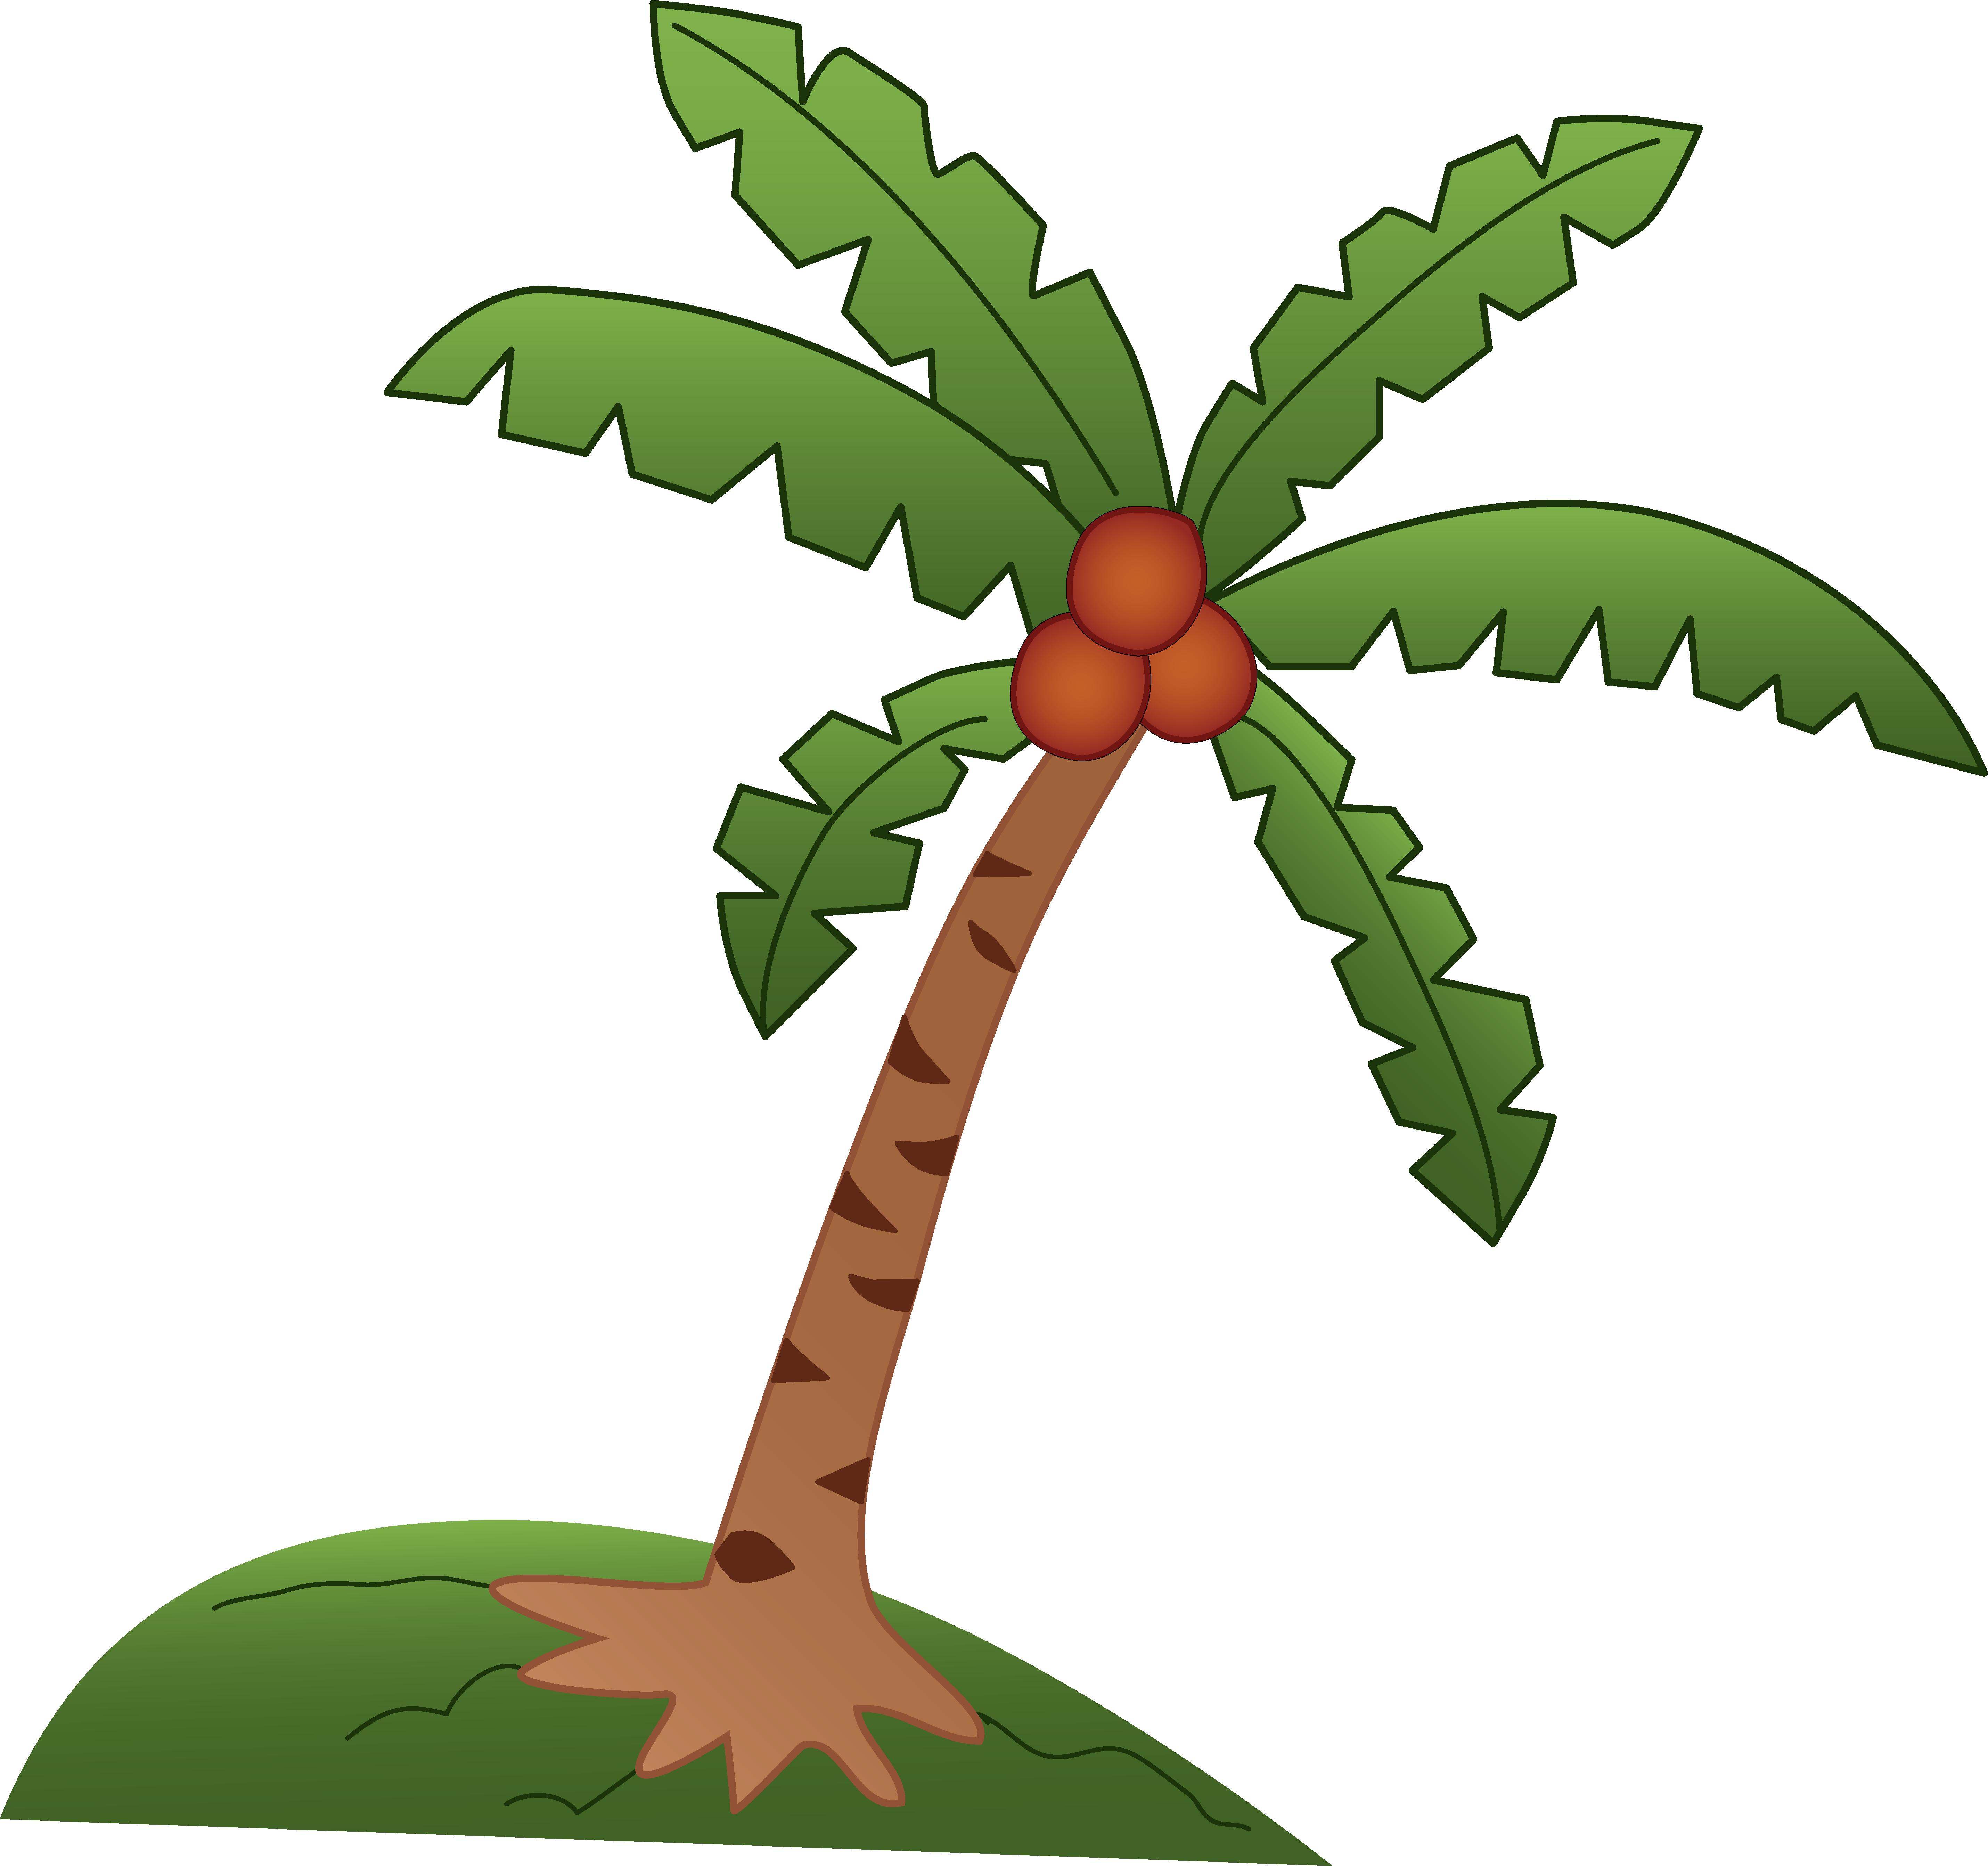 Palm Tree Cartoon Clip Art - Cliparts.co